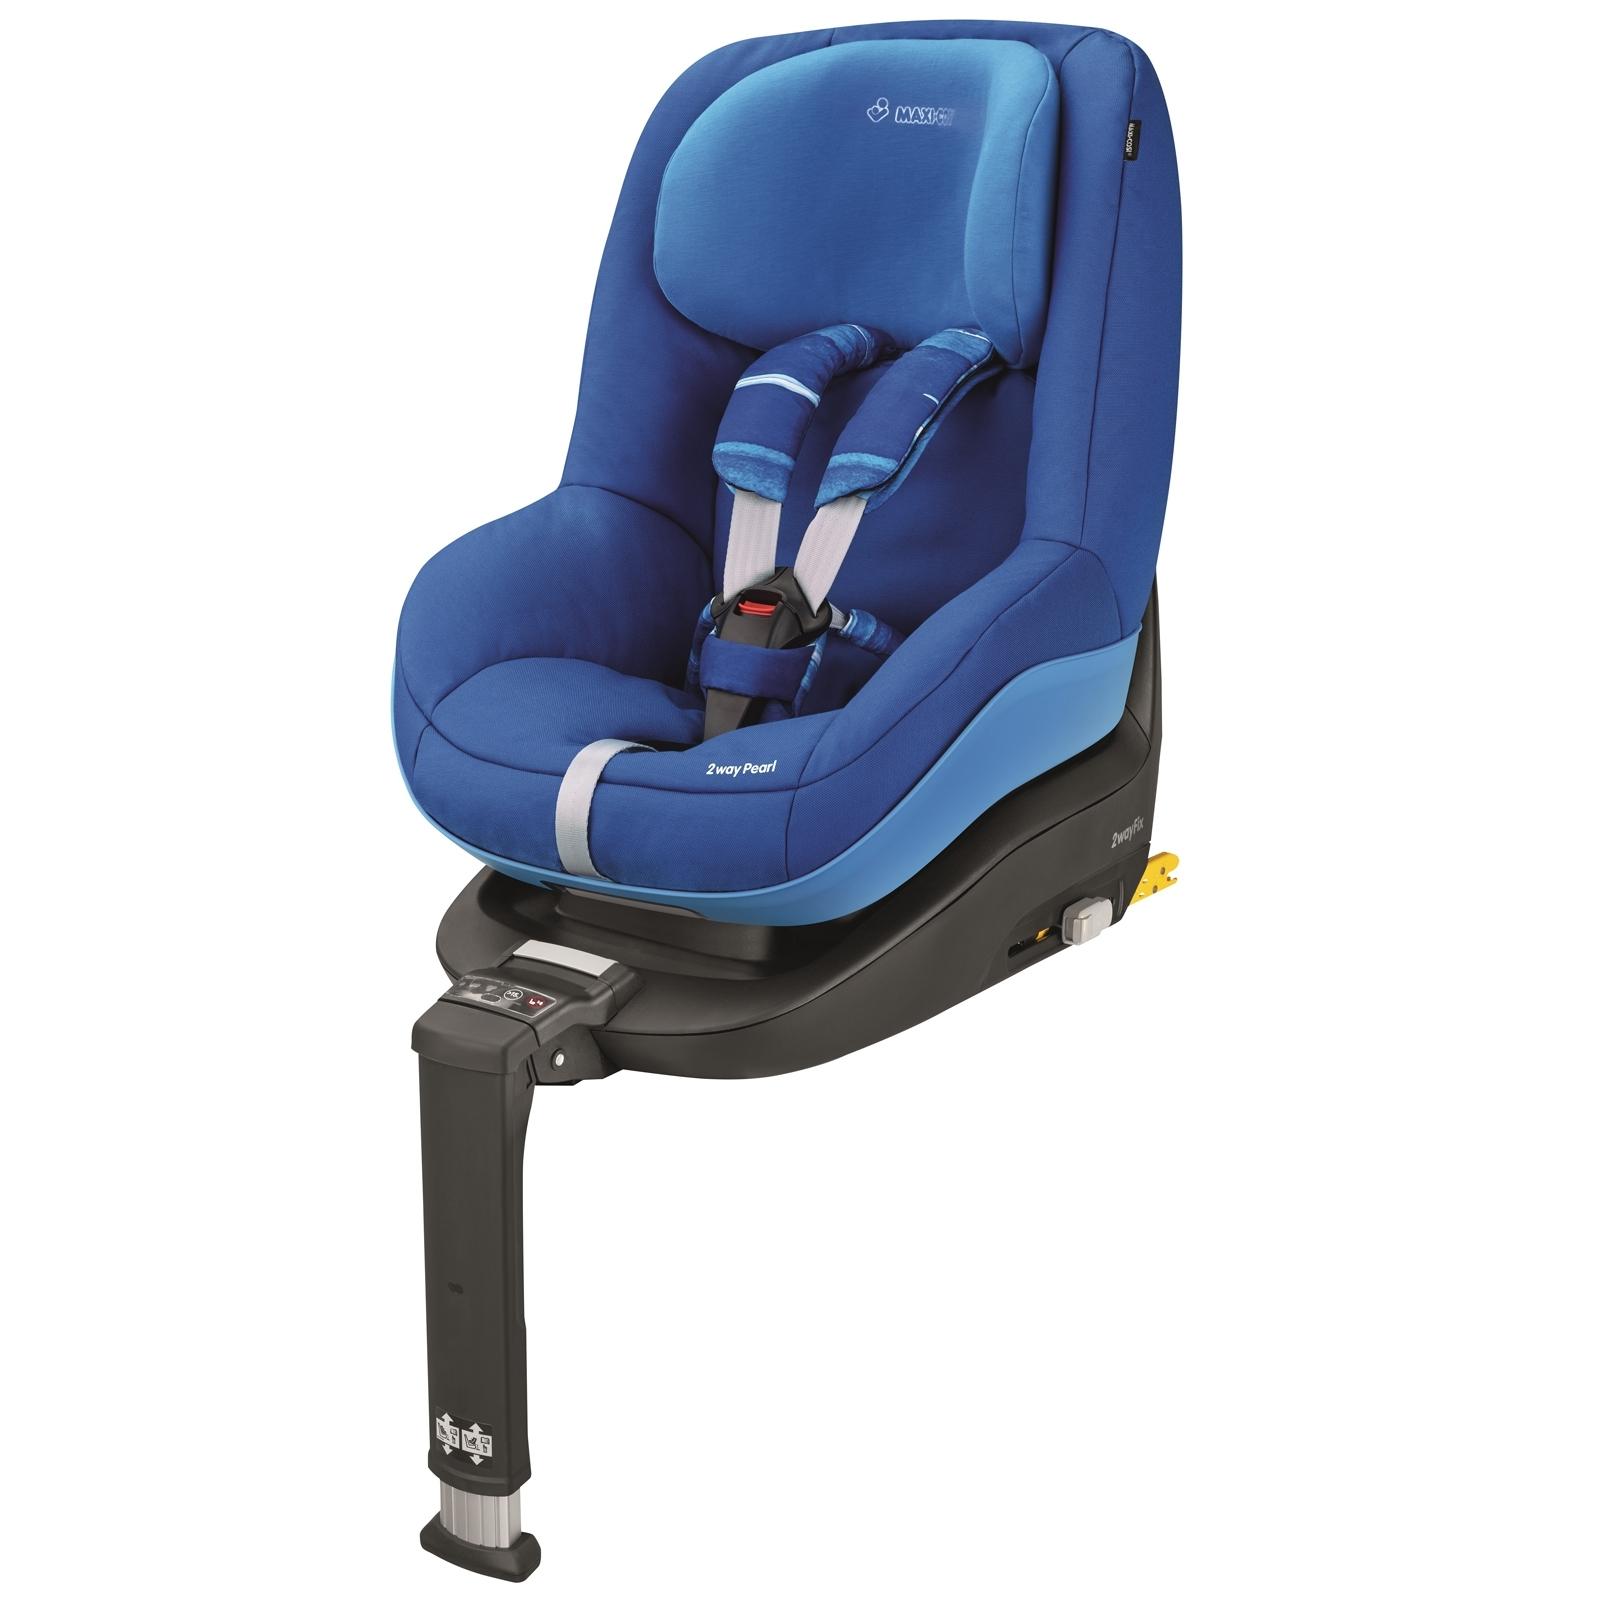 ���������� Maxi-Cosi 2wayPearl Watercolour Blue